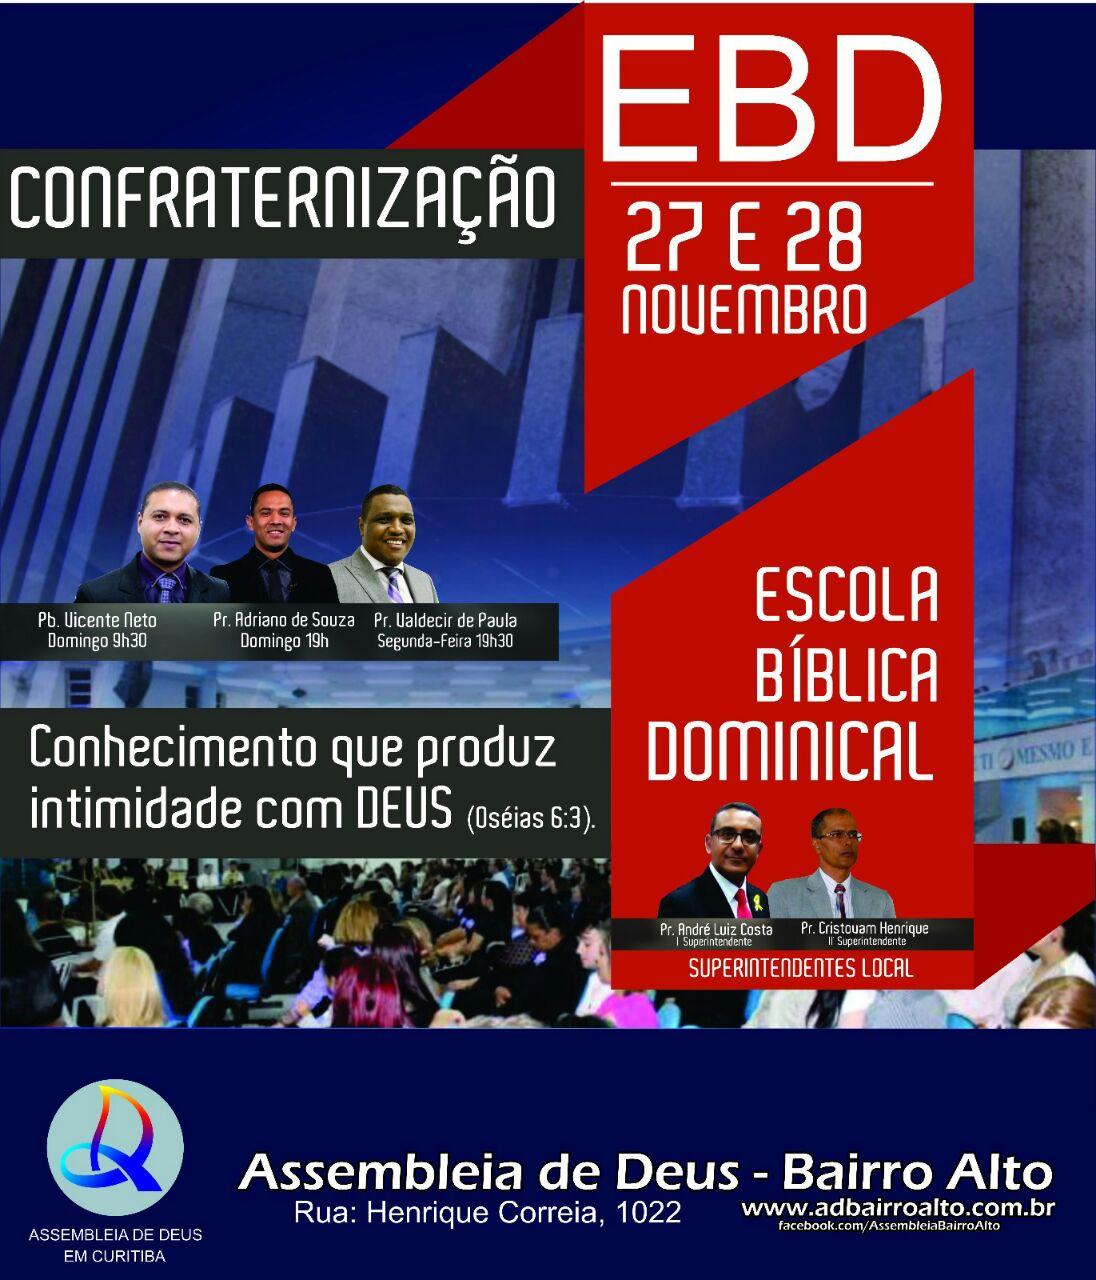 Próximo evento de EBD